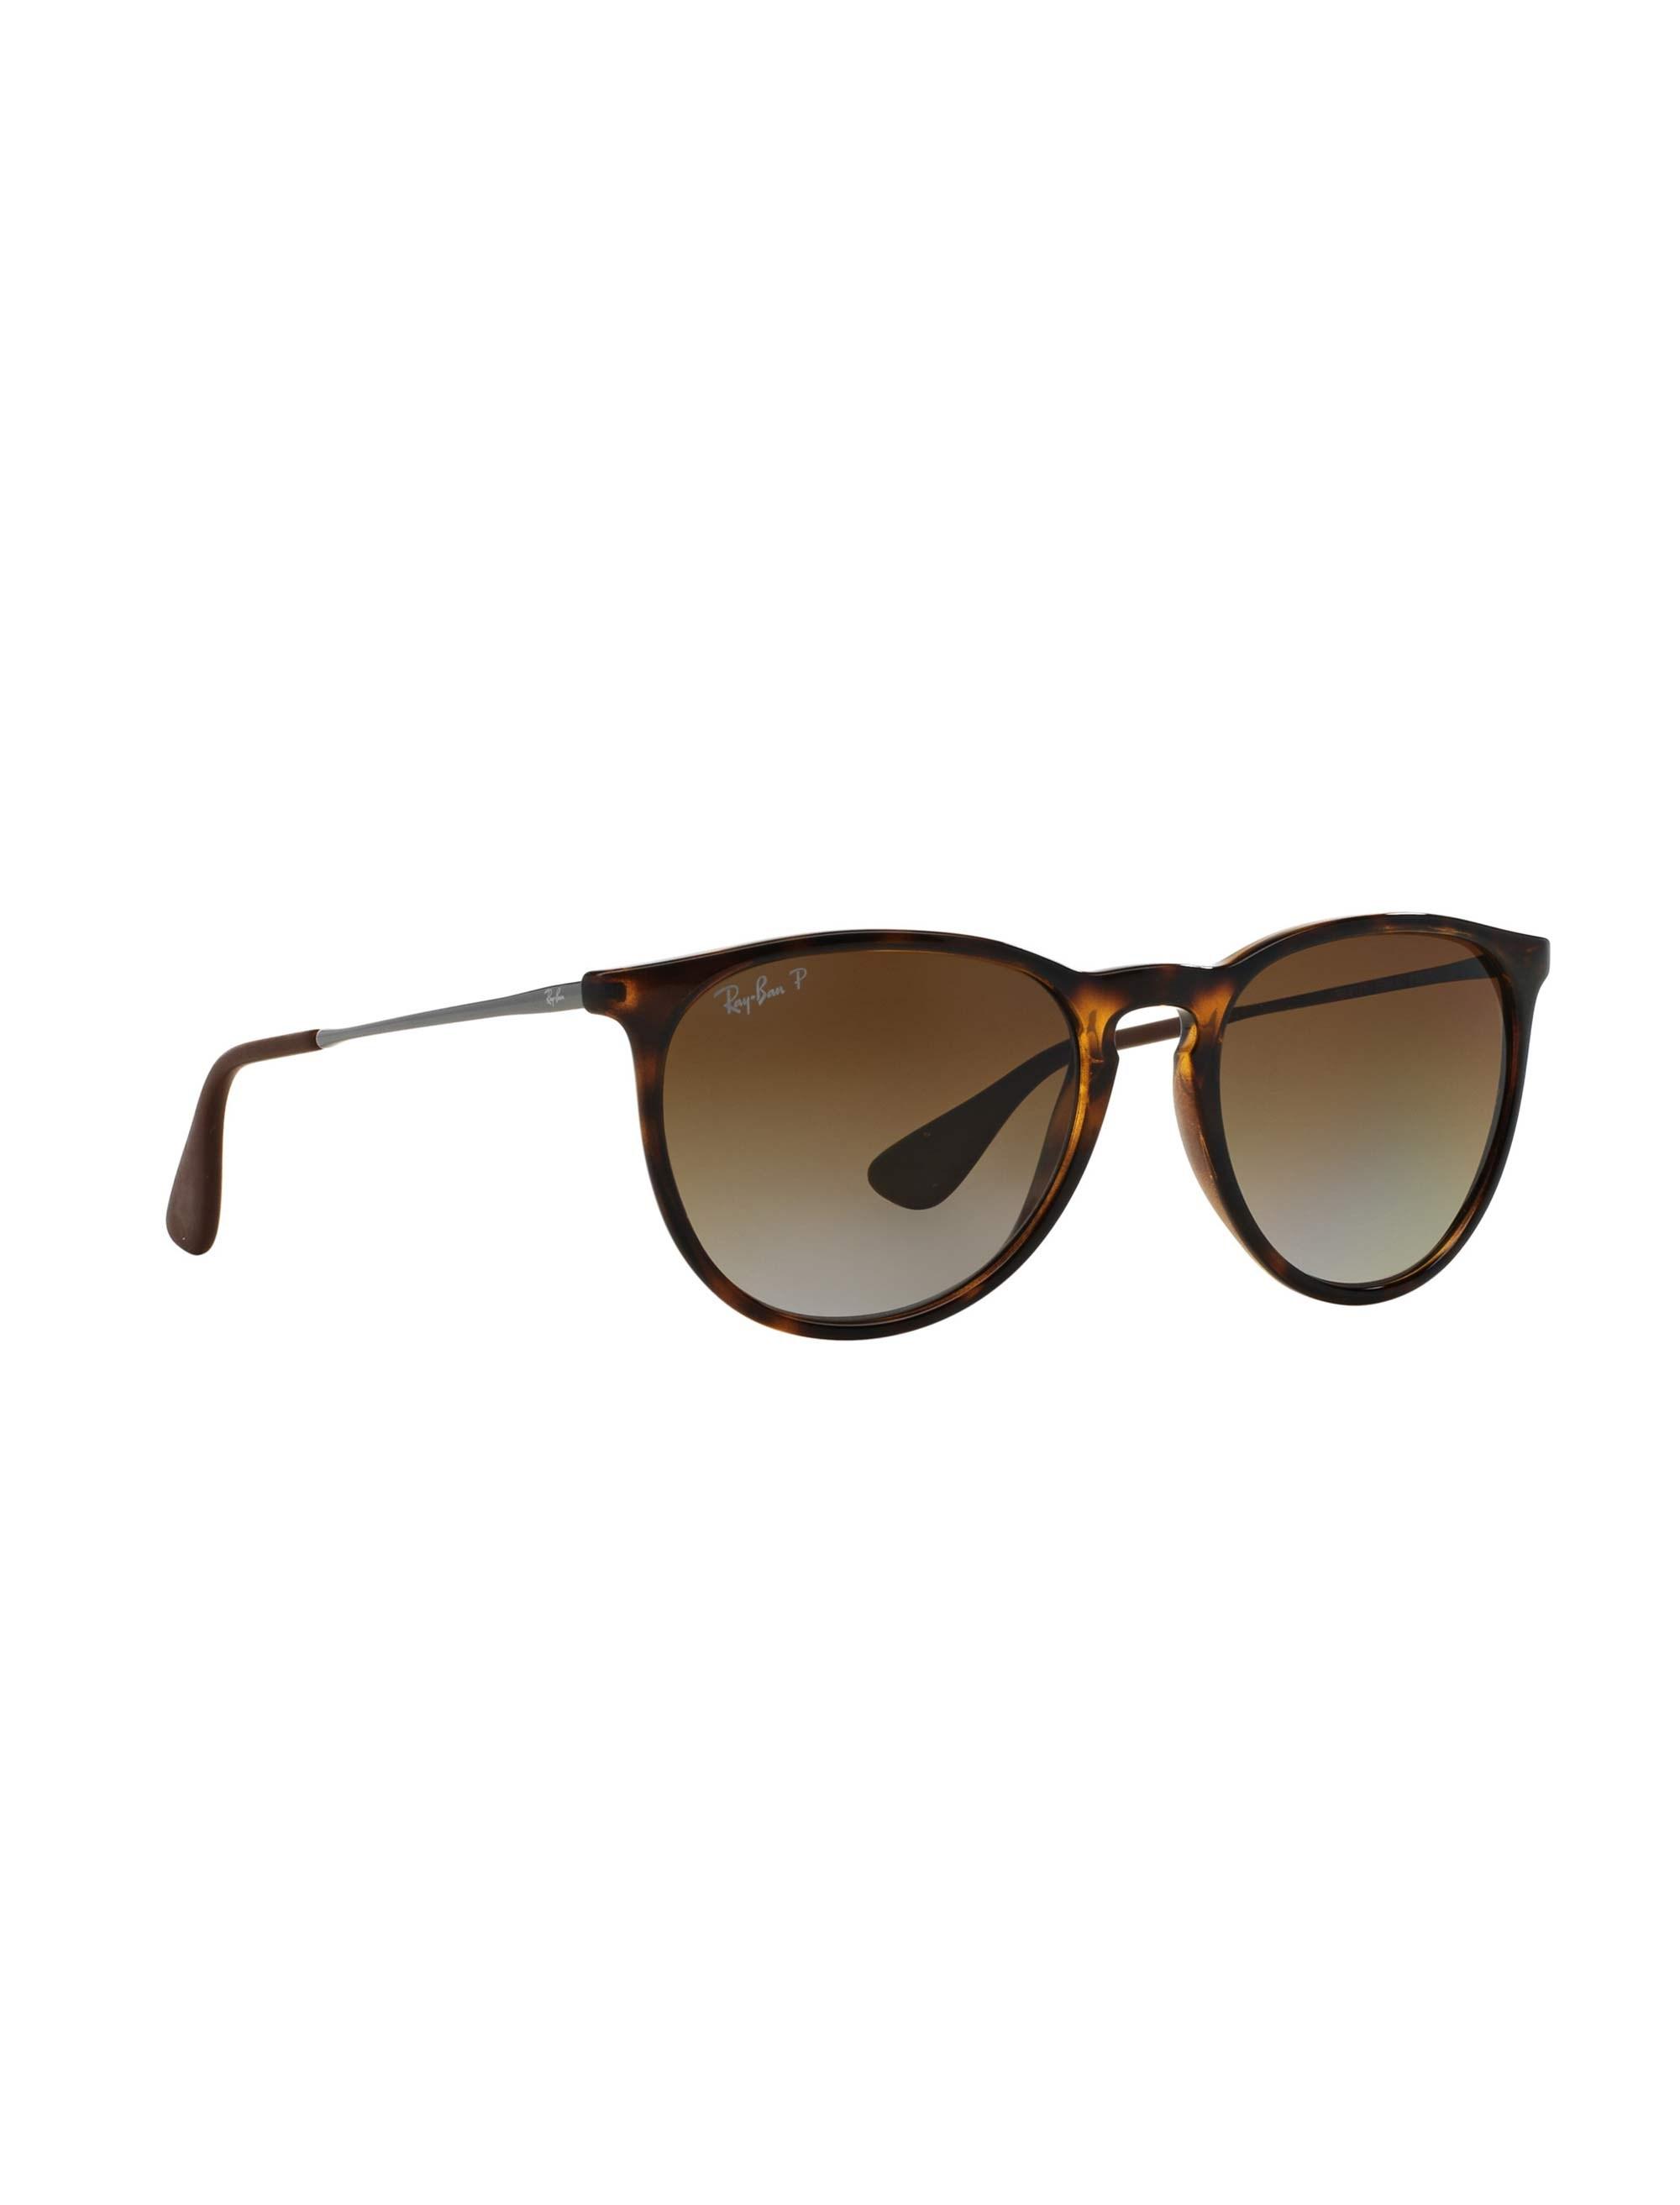 عینک آفتابی خلبانی زنانه - ری بن